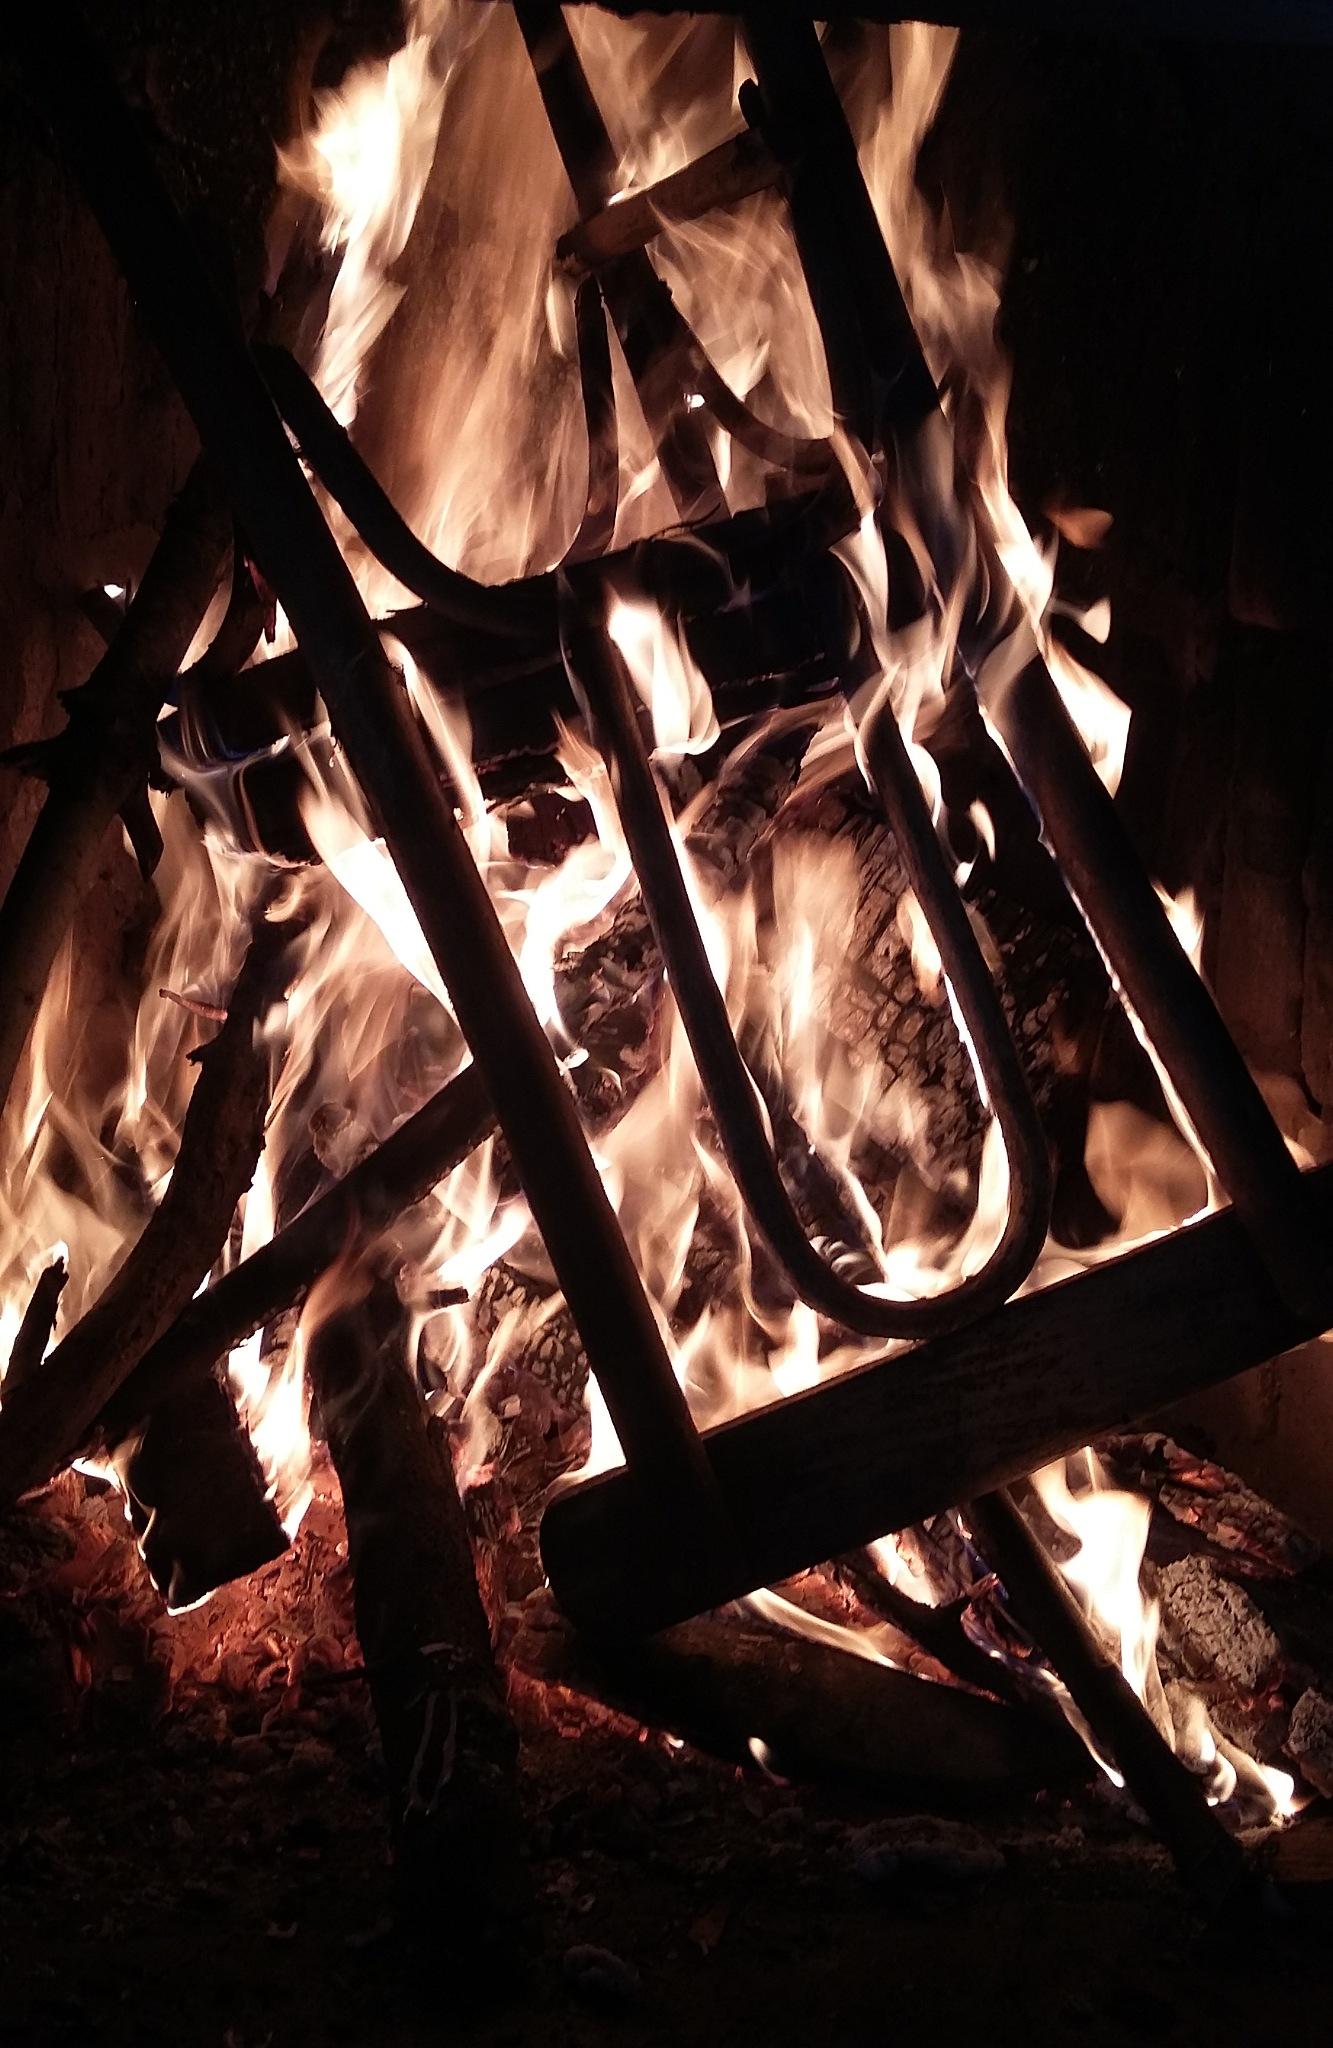 Chair/Fireplace by tsintsadze81